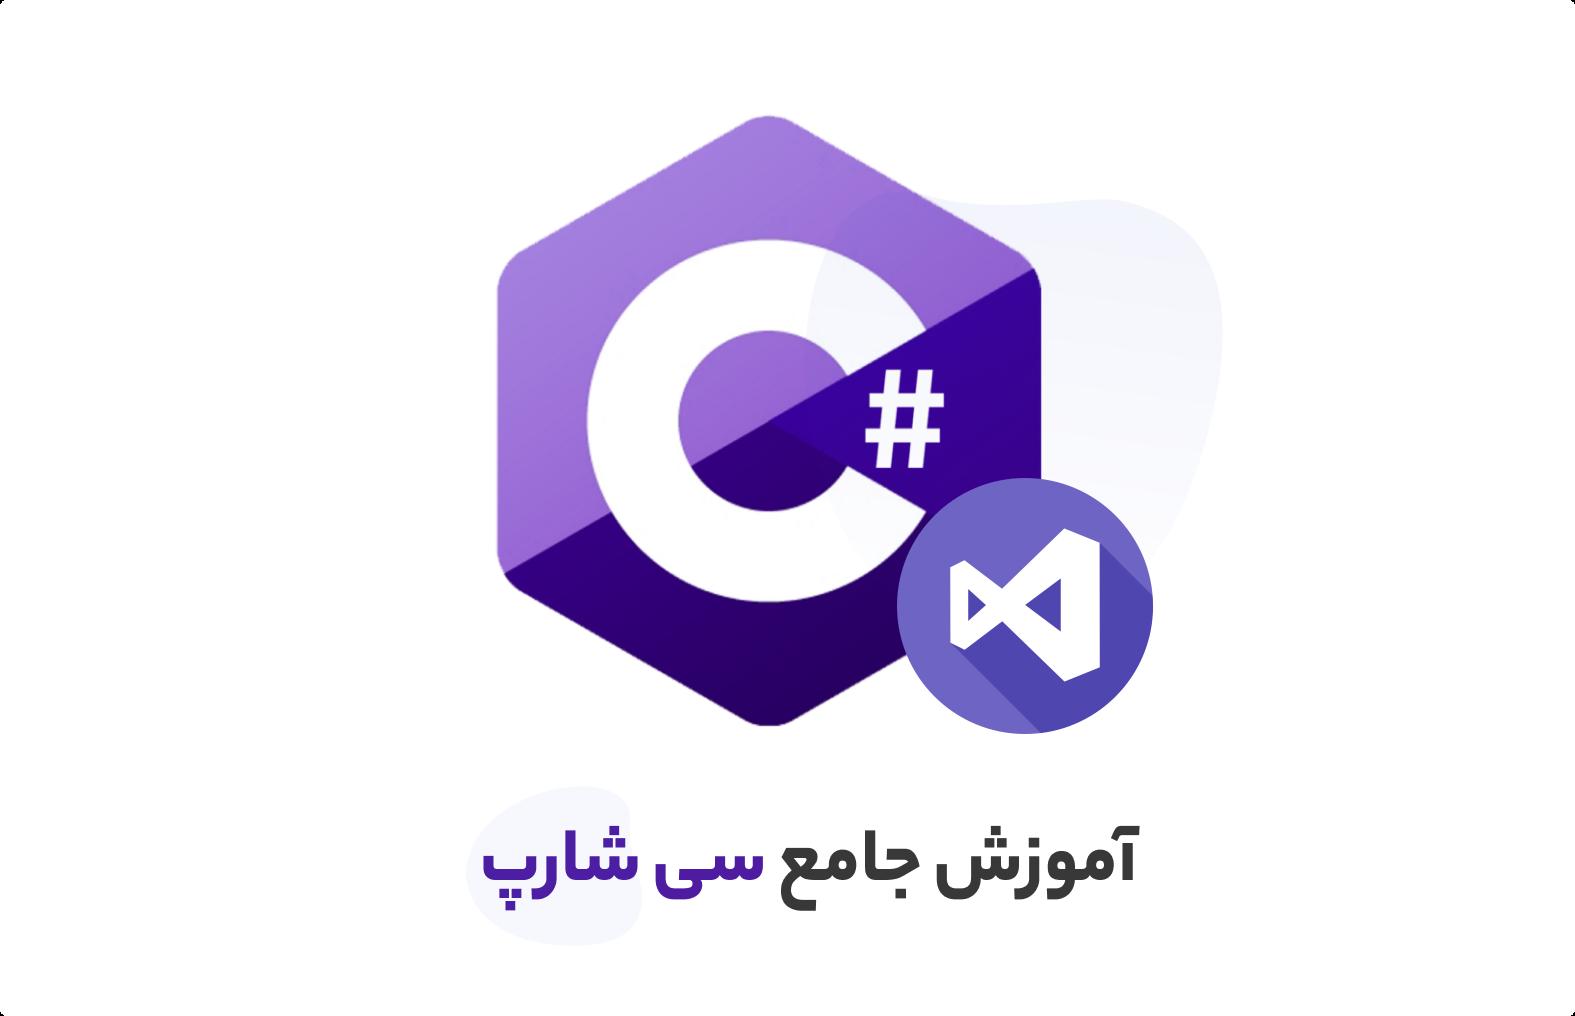 آموزش جامع سی شارپ برای توسعه وب و اپلیکیشن | آموزش نرم افزار ویژوال استودیو